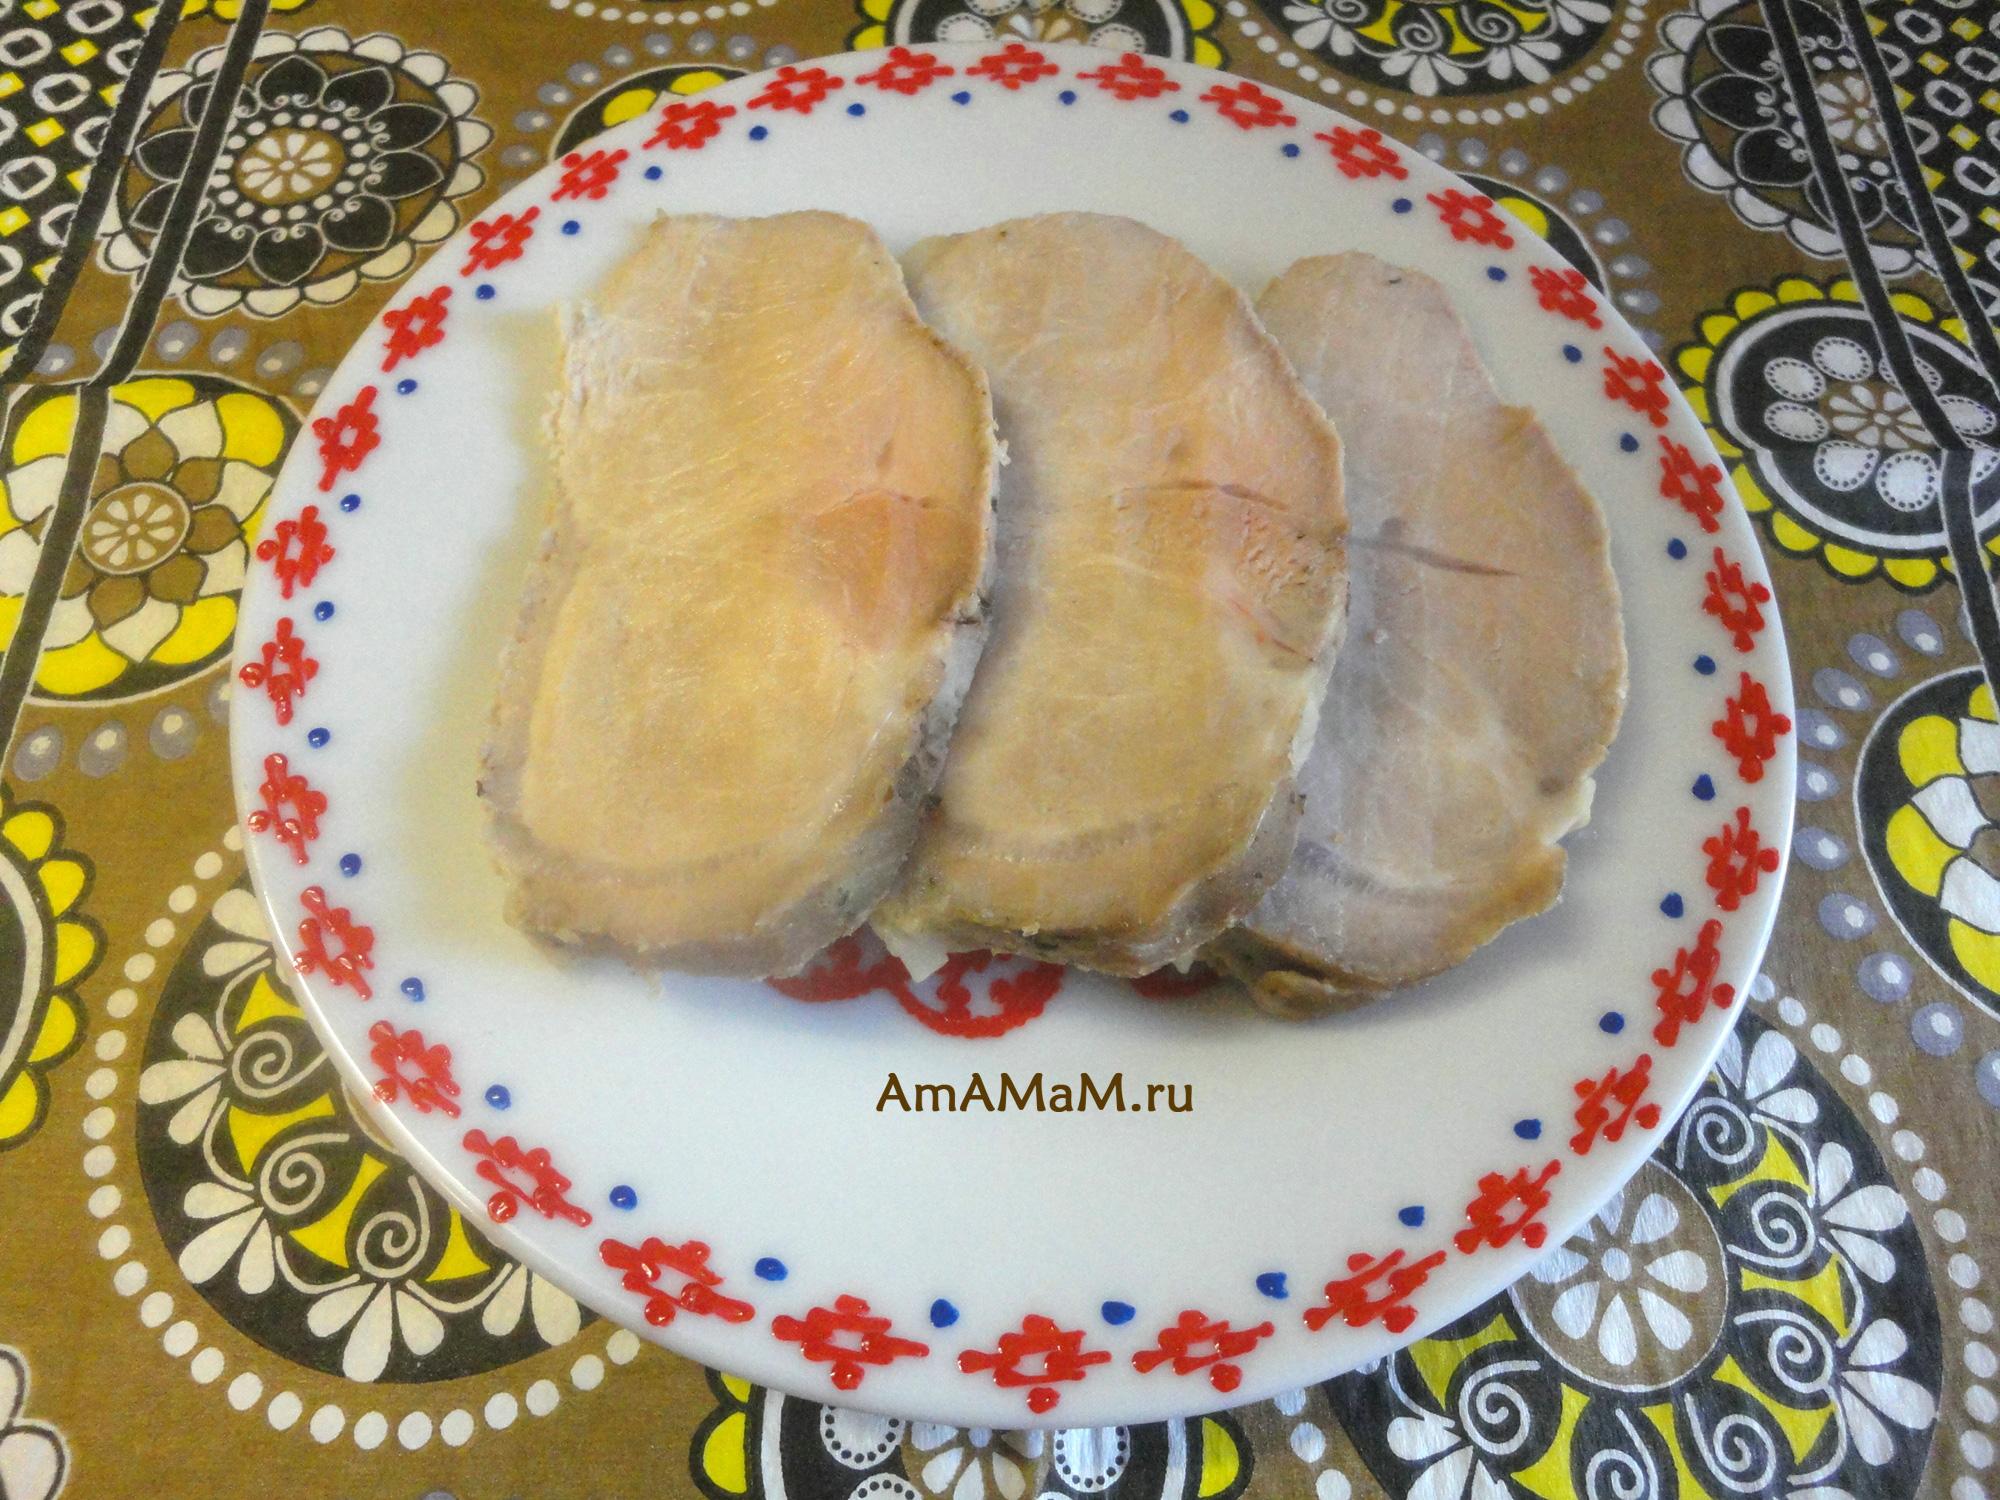 рецепты приготовления мяса в мультиварке куском в